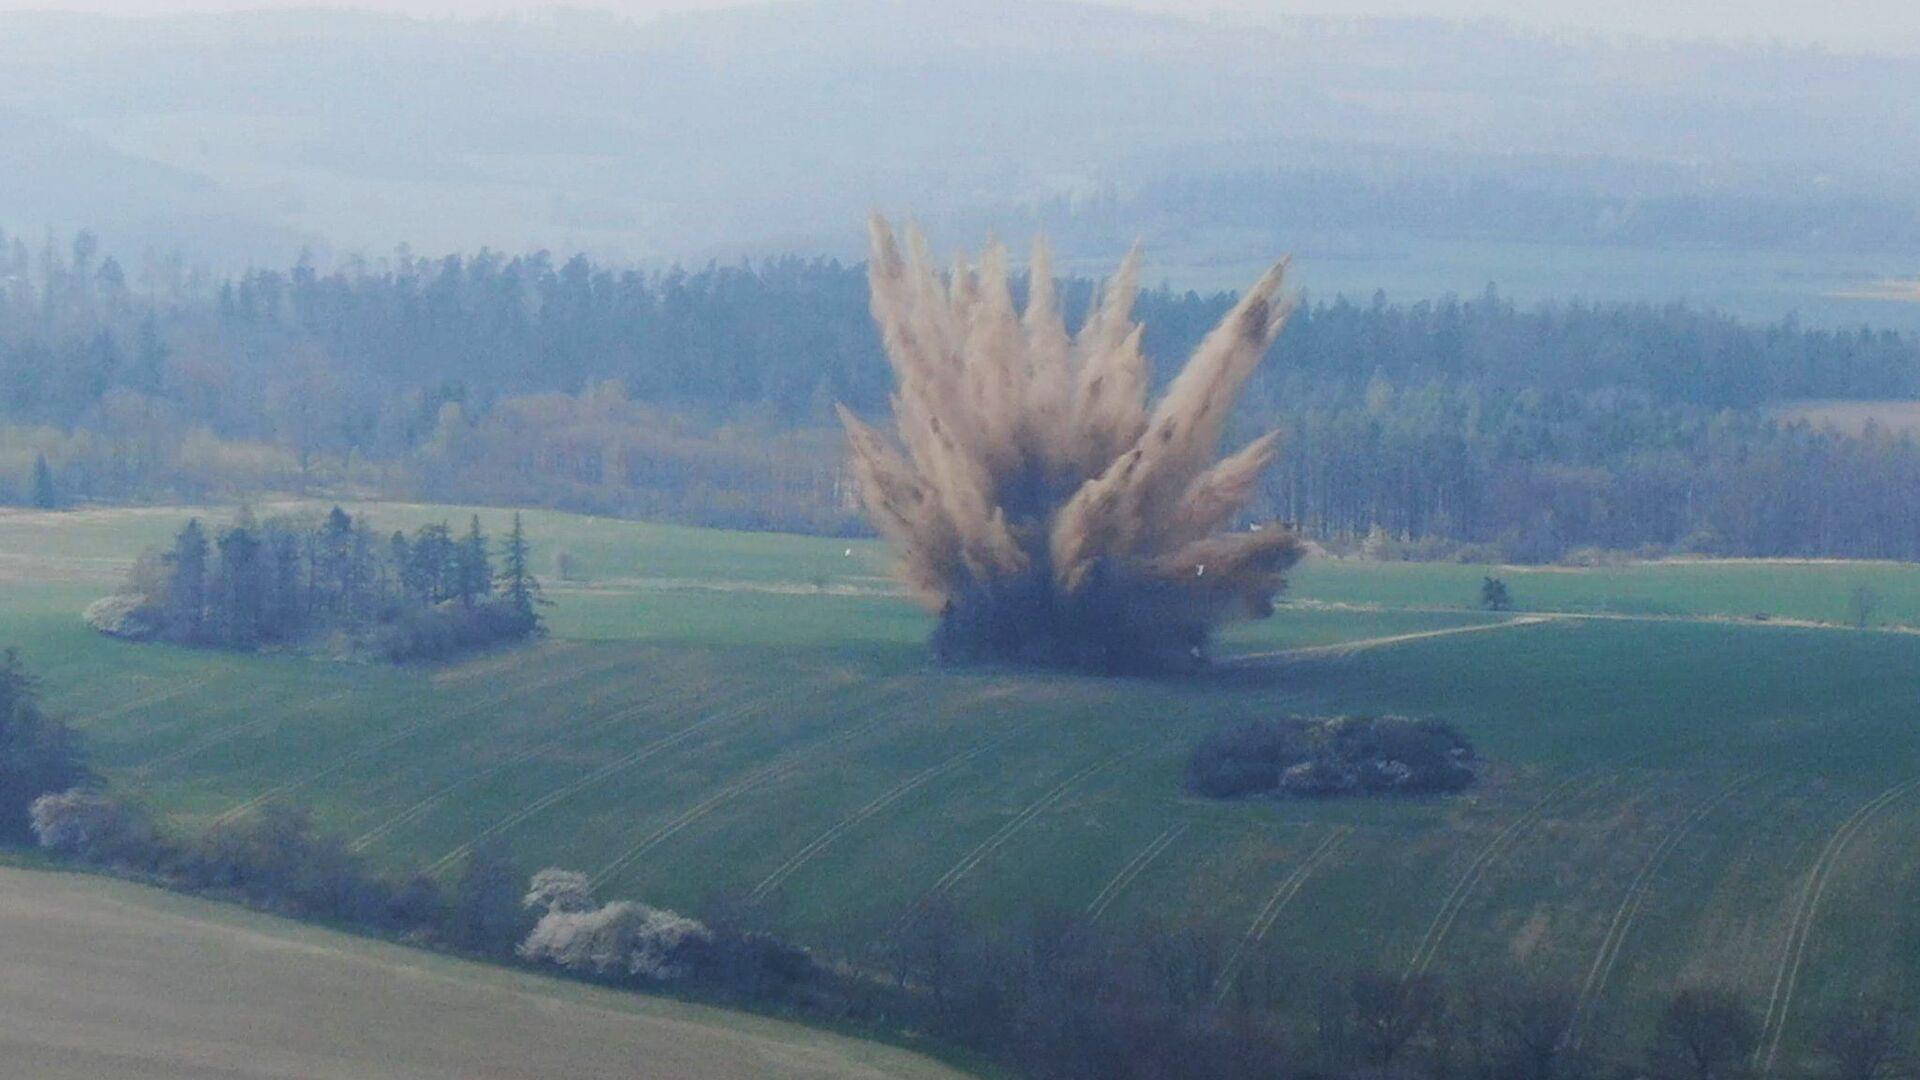 Pyrotechnici provádějí výbuch letecké pumy z 2. světové války - Sputnik Česká republika, 1920, 01.05.2021